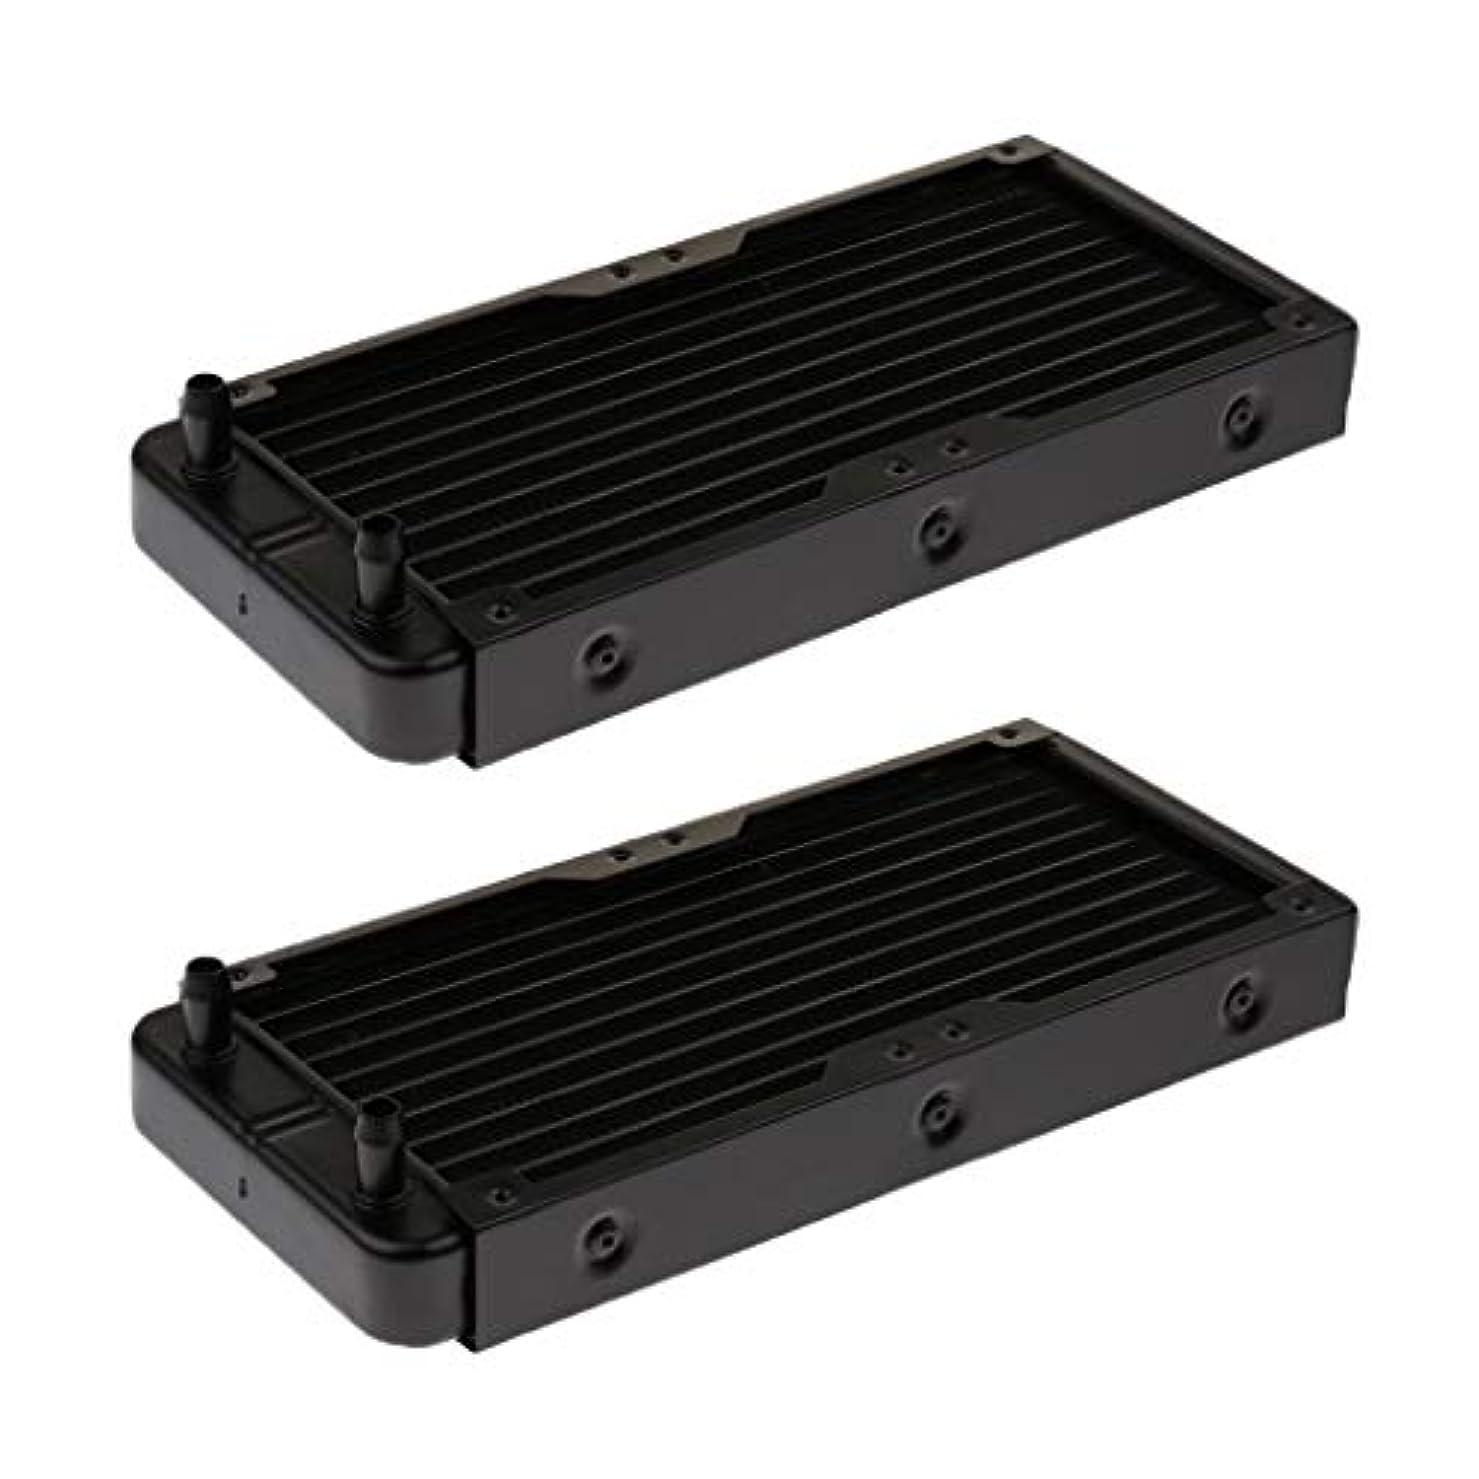 シュガーフィッティング摩擦D DOLITY 放熱器 水熱交換器 10パイプ CPUパイプ240mmストレート口用 - 2個